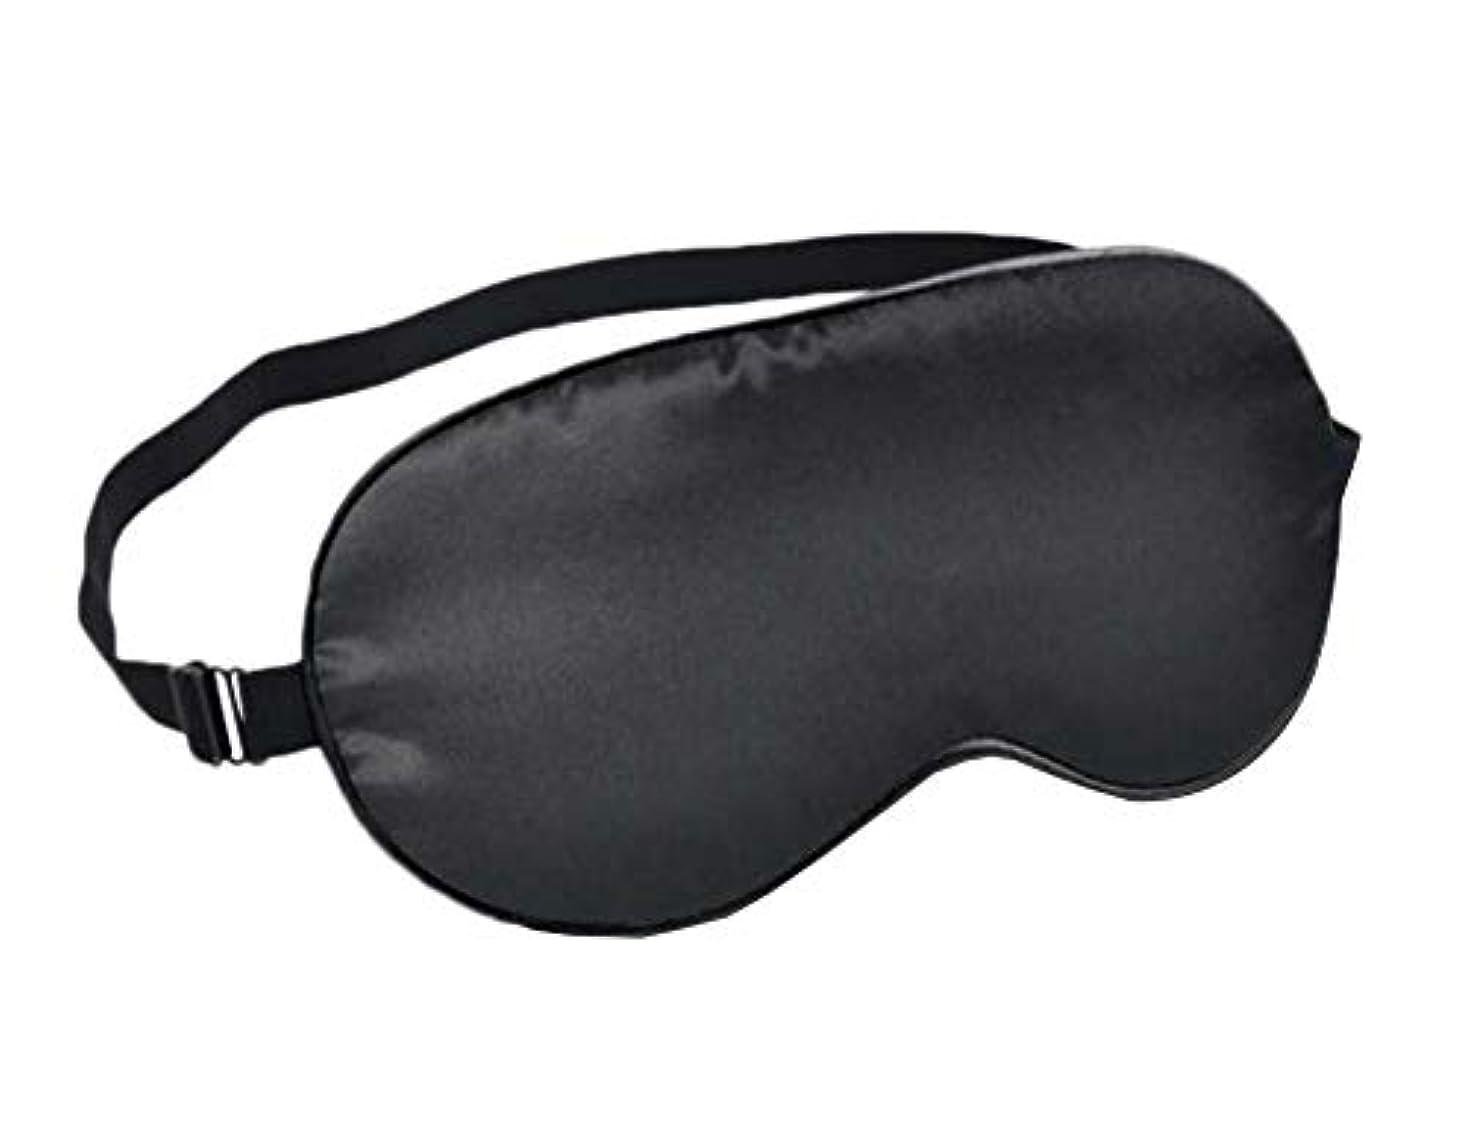 粗い人気の言うまでもなく子供たちシルク睡眠アイマスク睡眠のソフトアイマスク - 14